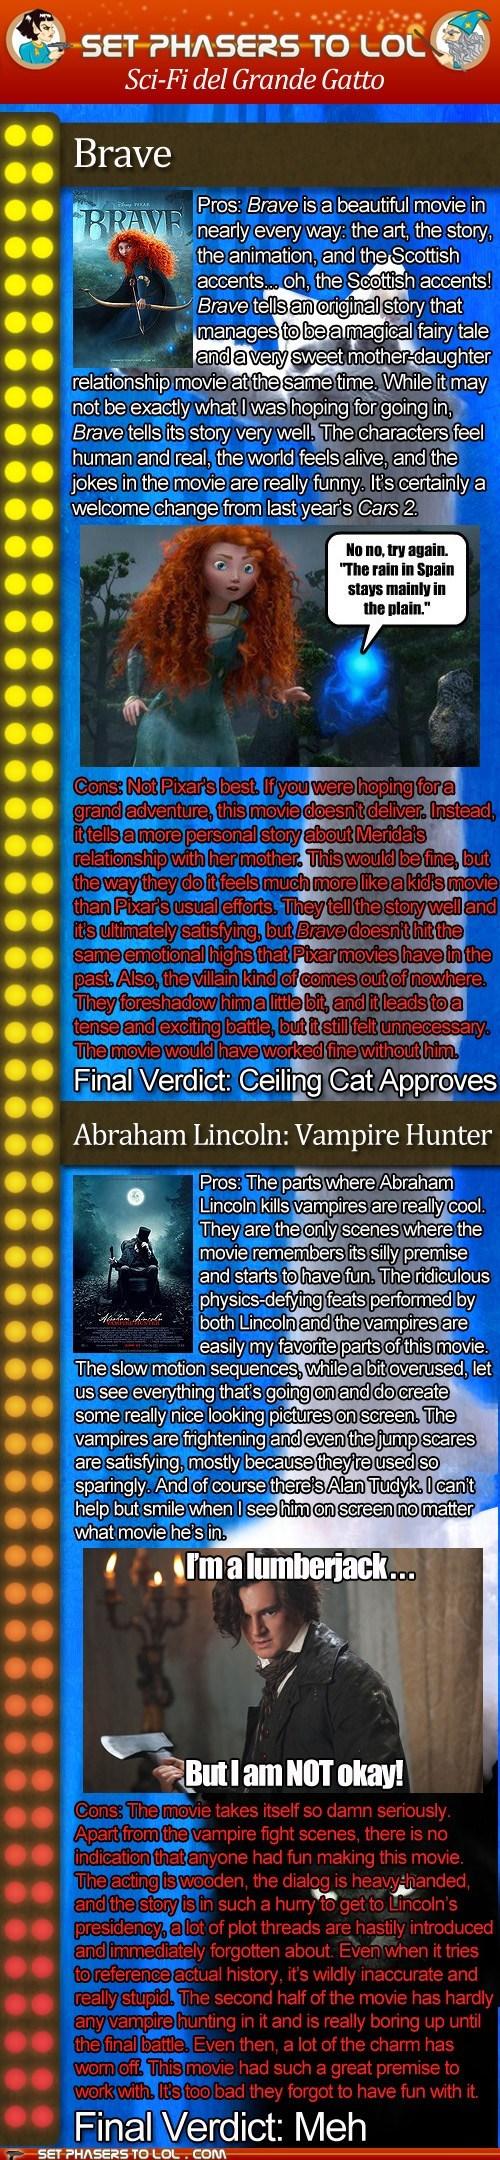 Sci-Fi del Grande Gatto: Brave and Abraham Lincoln Vampire Hunter